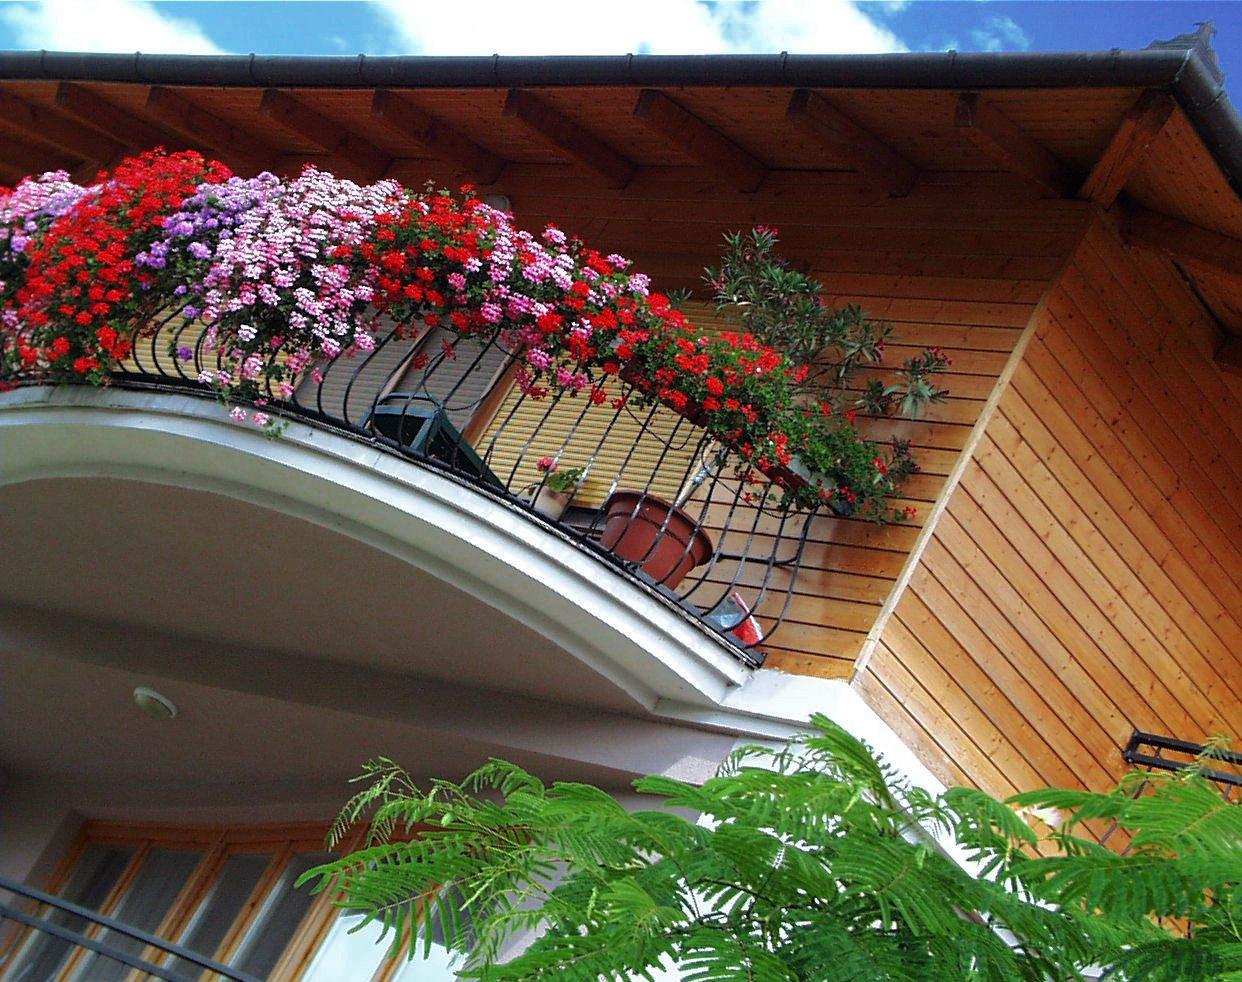 Создать мемы балкон фото цветы 800x633 px.